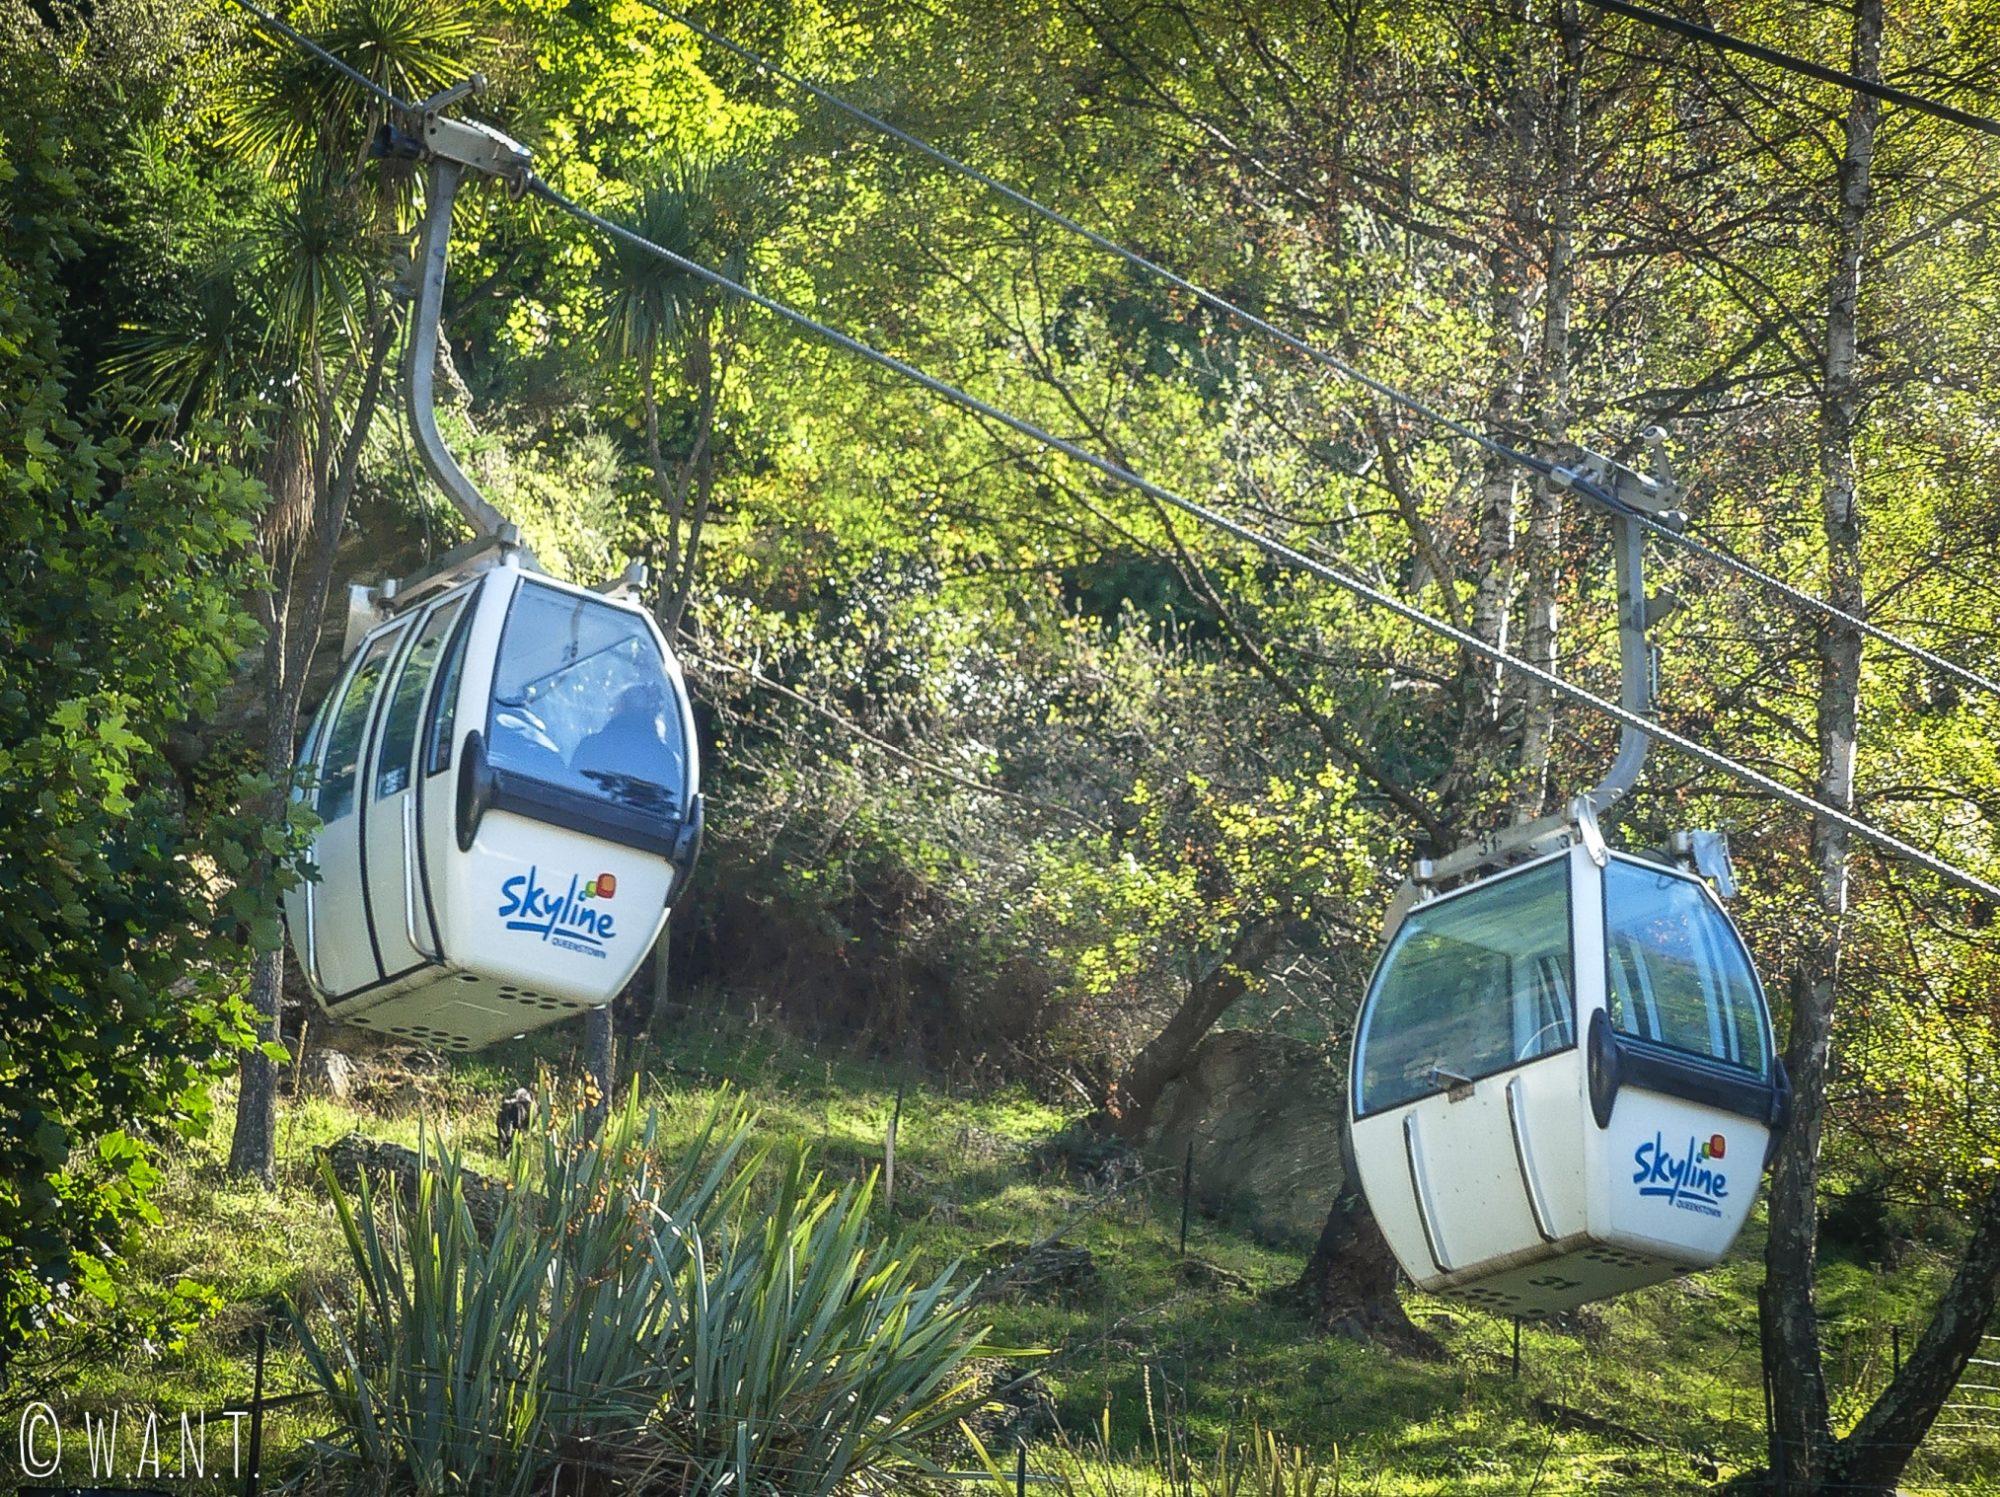 Il est possible de monter en téléphérique jusqu'au point de vue de Queenstown en Nouvelle-Zélande